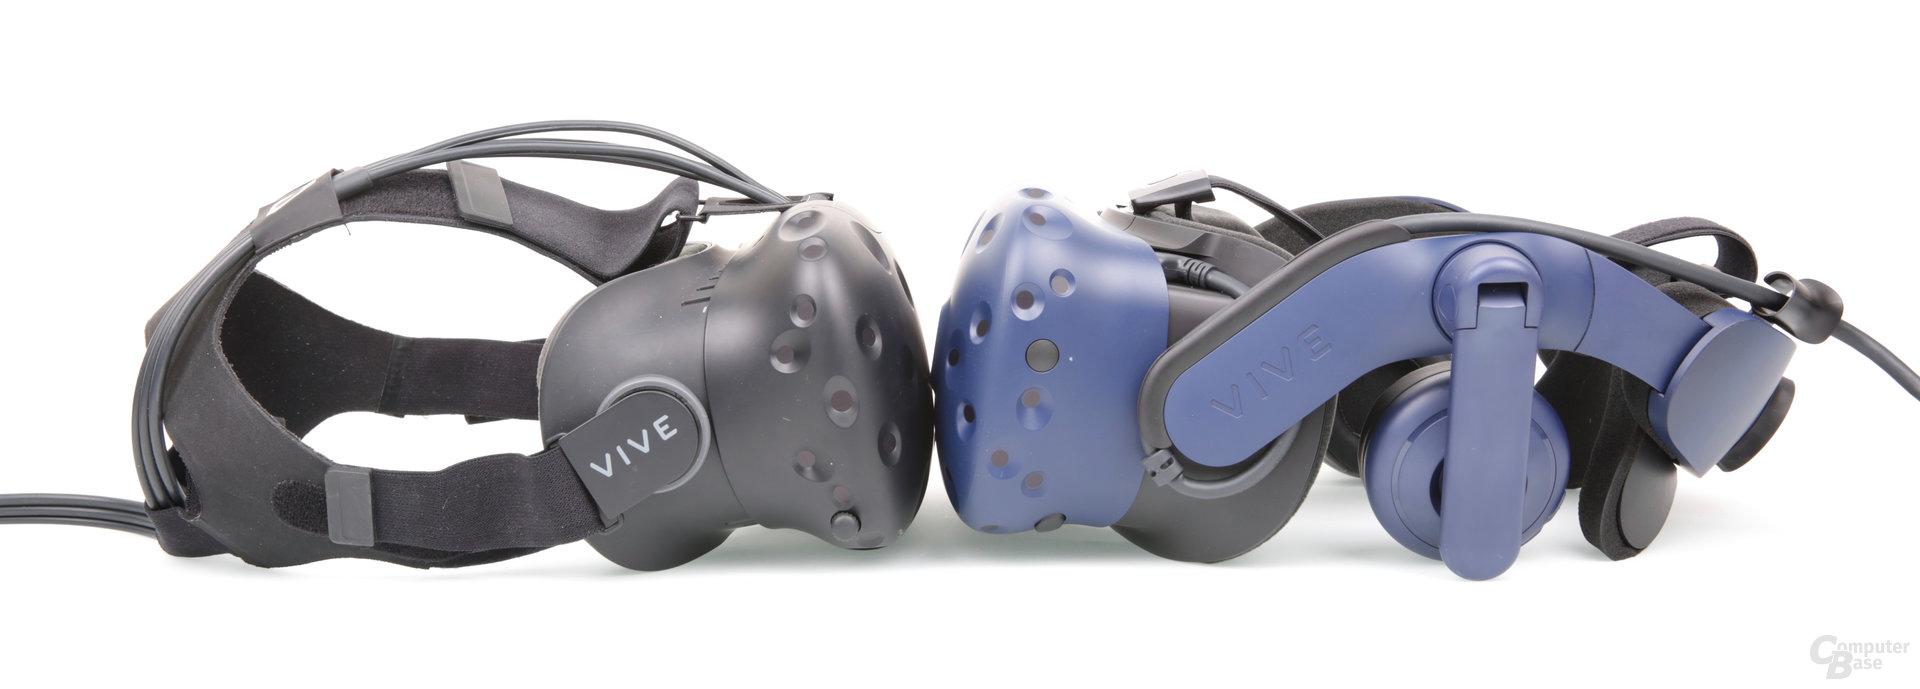 HTC Vive vs. HTC Vive Pro